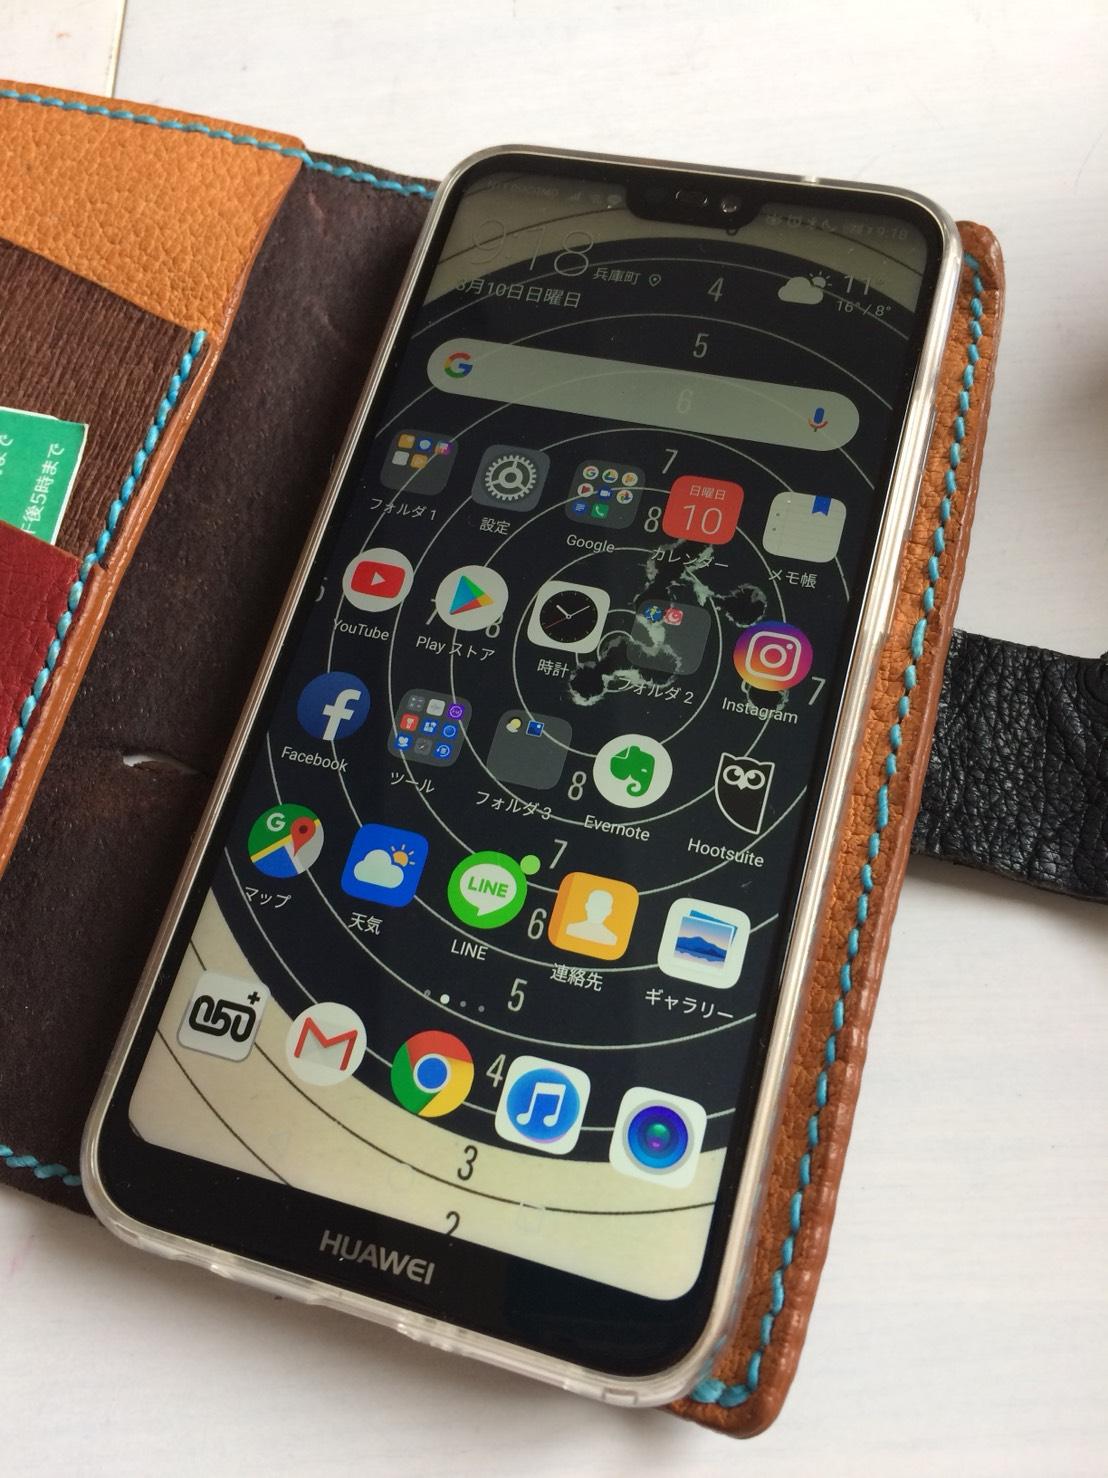 【体験談】AliexpressでSIMフリー携帯(スマホ)を輸入する時に注意すること、購入前に確認を!